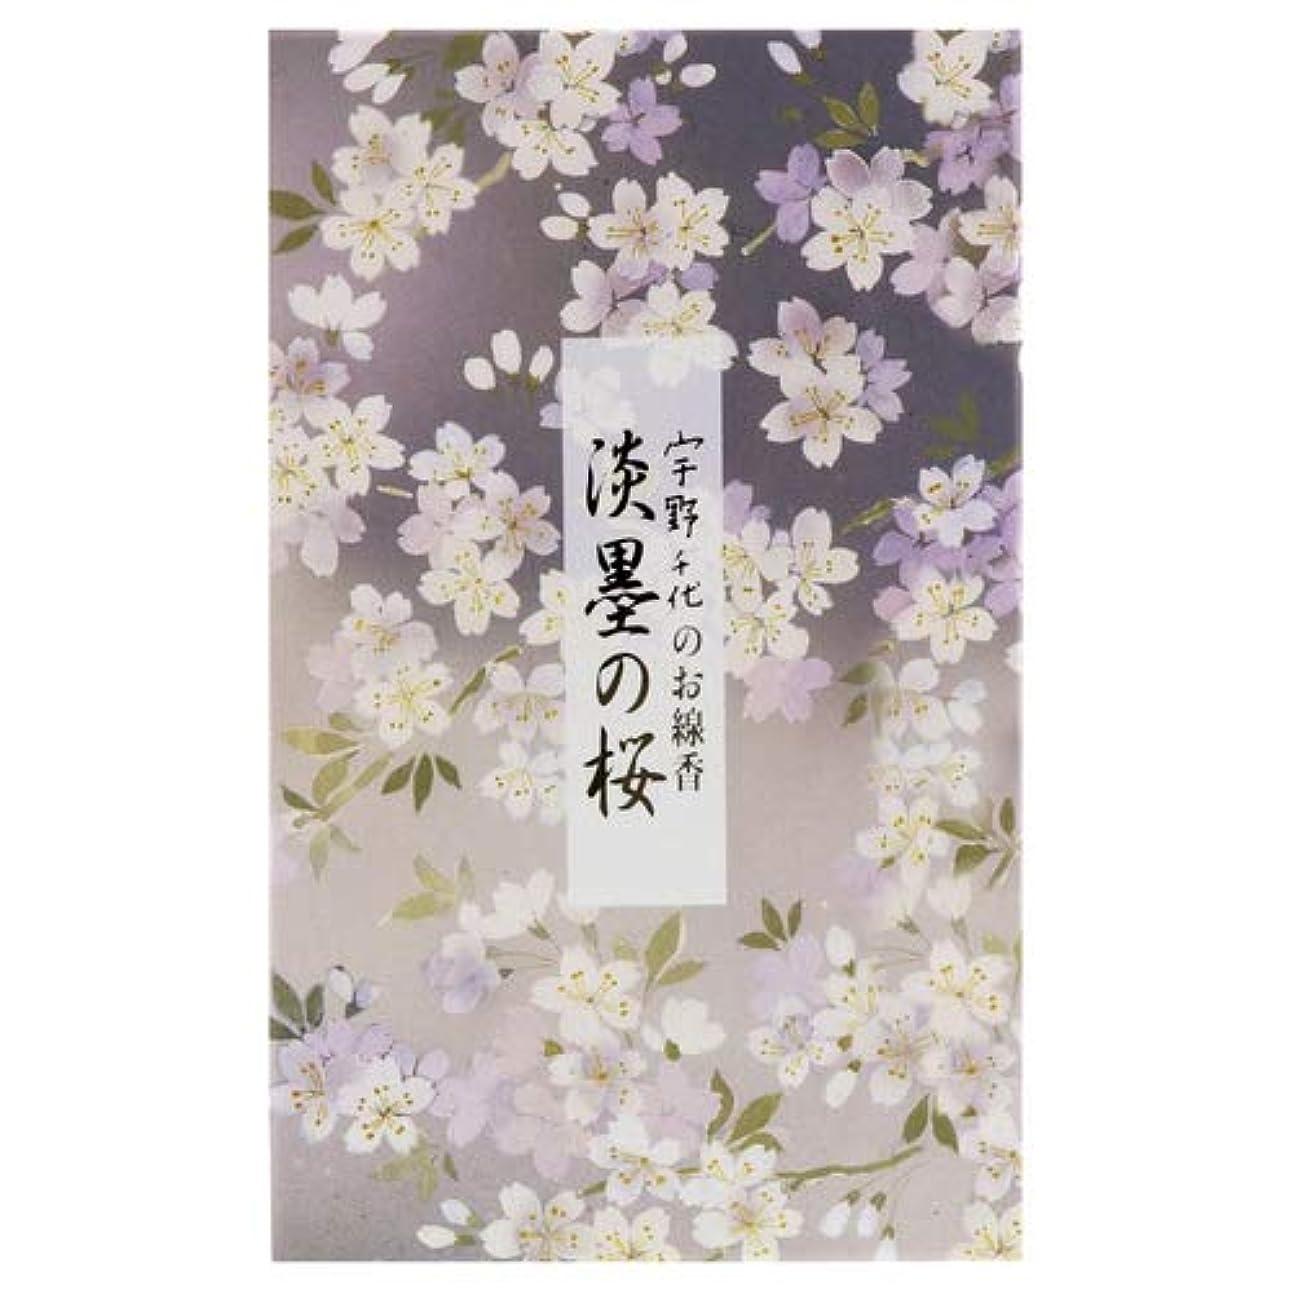 ぬれた優雅火宇野千代のお線香 淡墨の桜 バラ詰